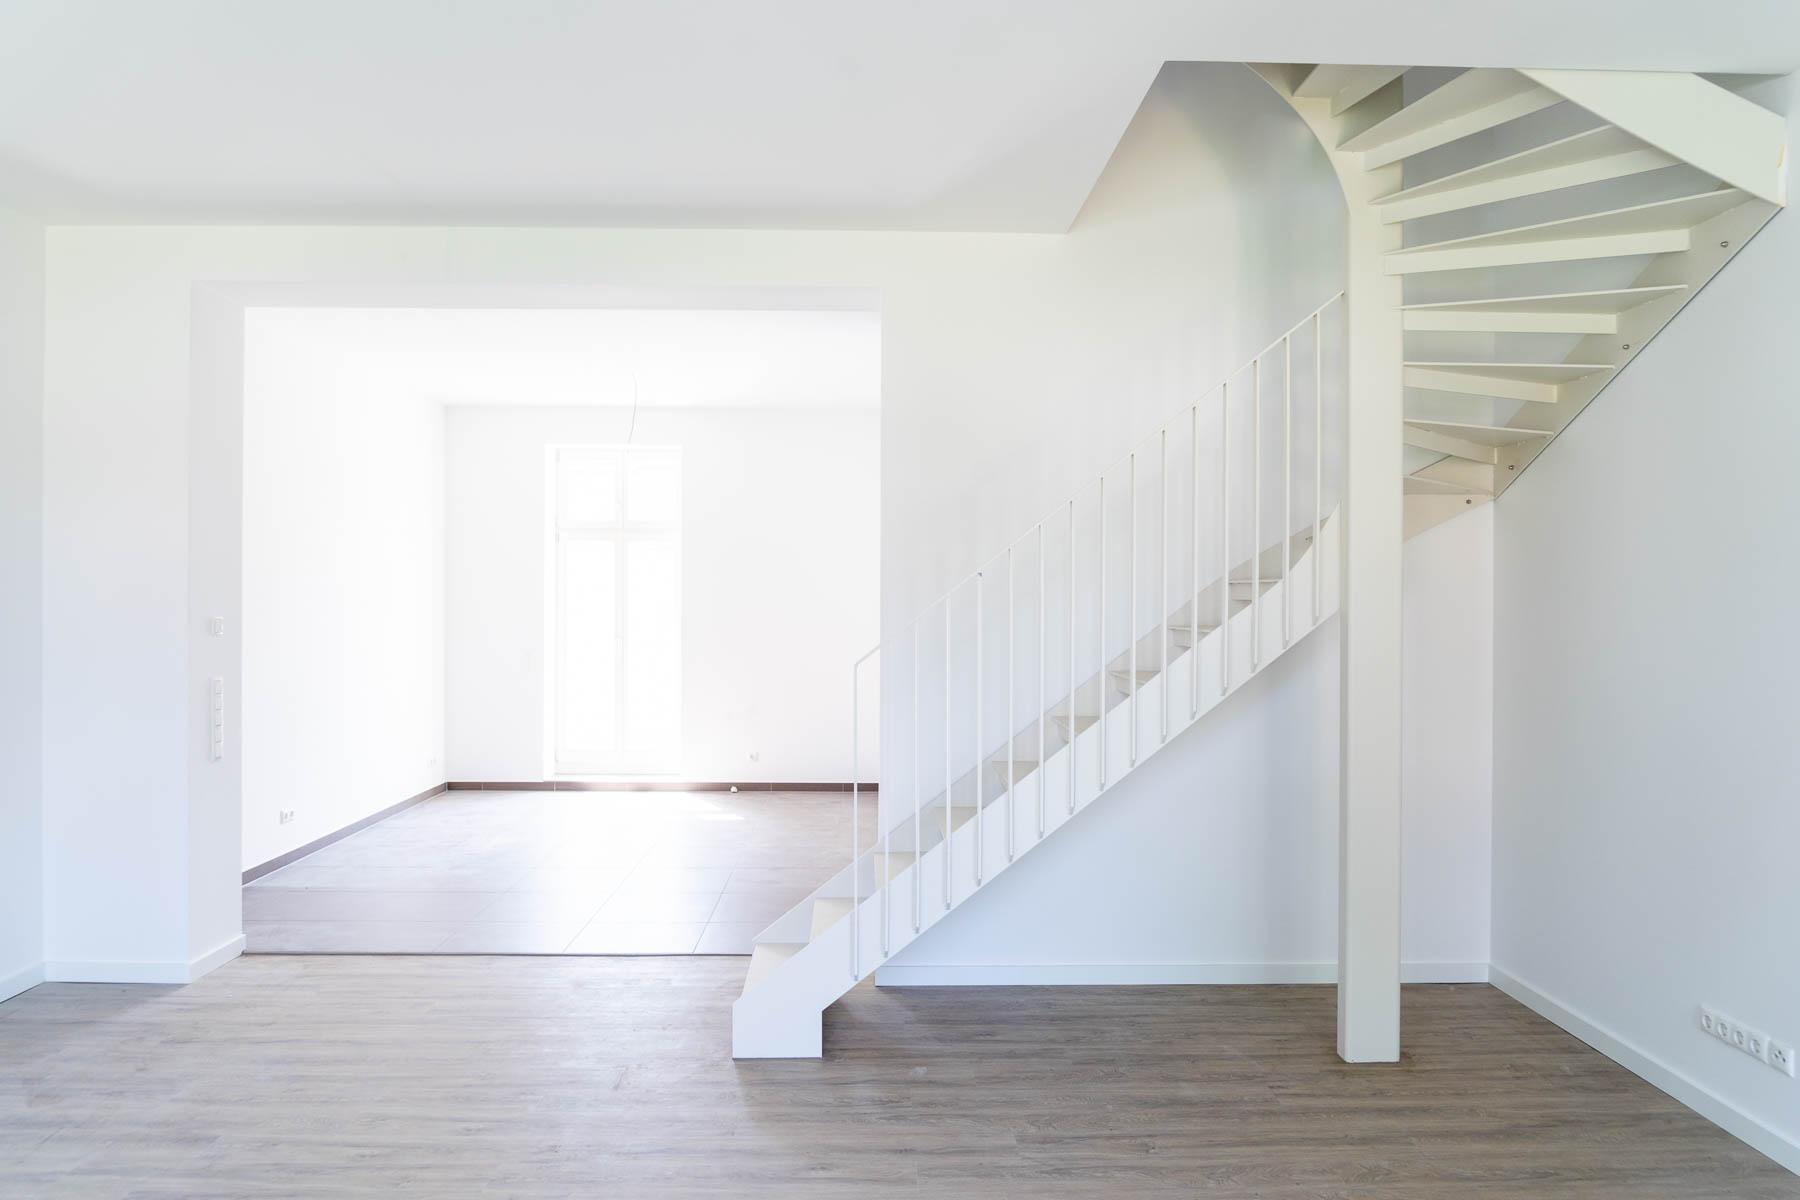 studiokubik-architektur-architecture-berlin-wohnungen-schenkendorf-022